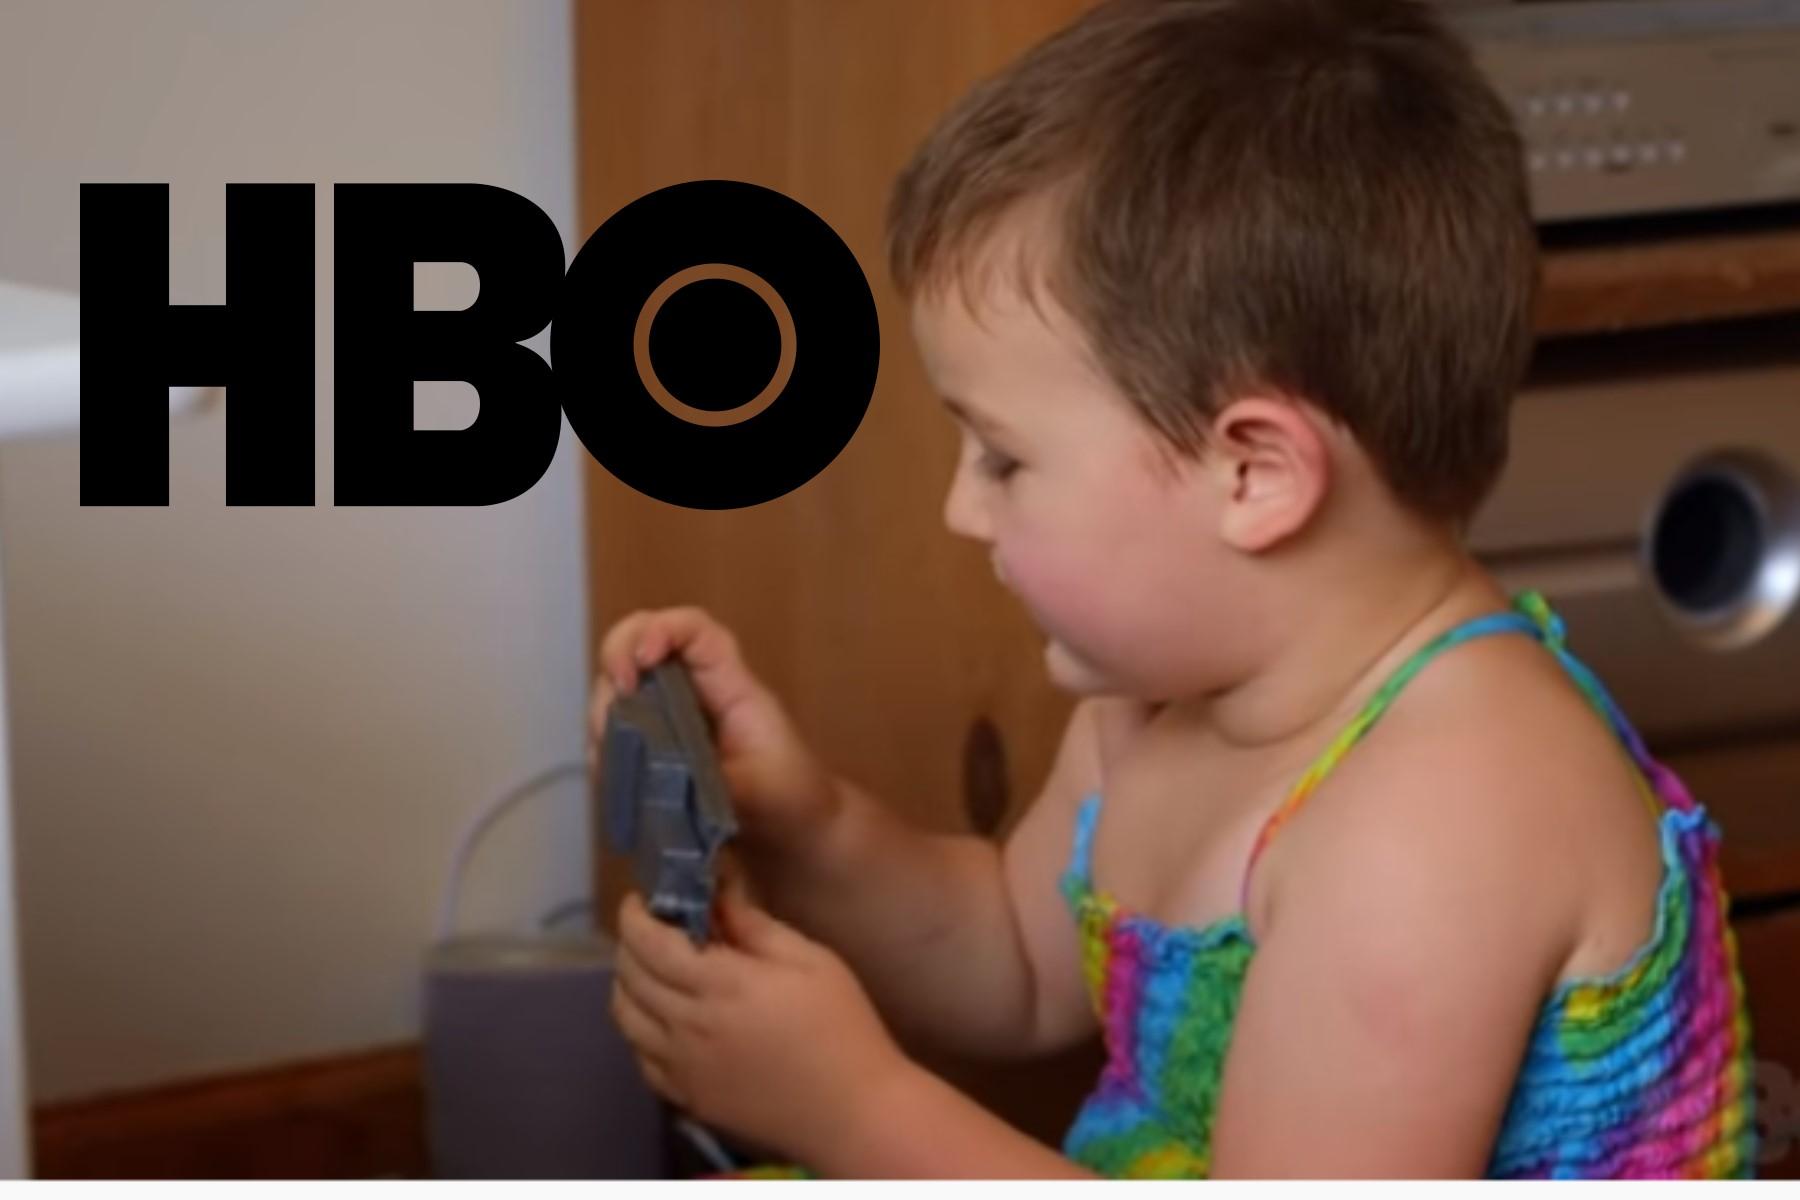 HBO-ov dokumentarac prikazuje 4-godišnjaka kojeg mama prisiljava da bude djevojčica